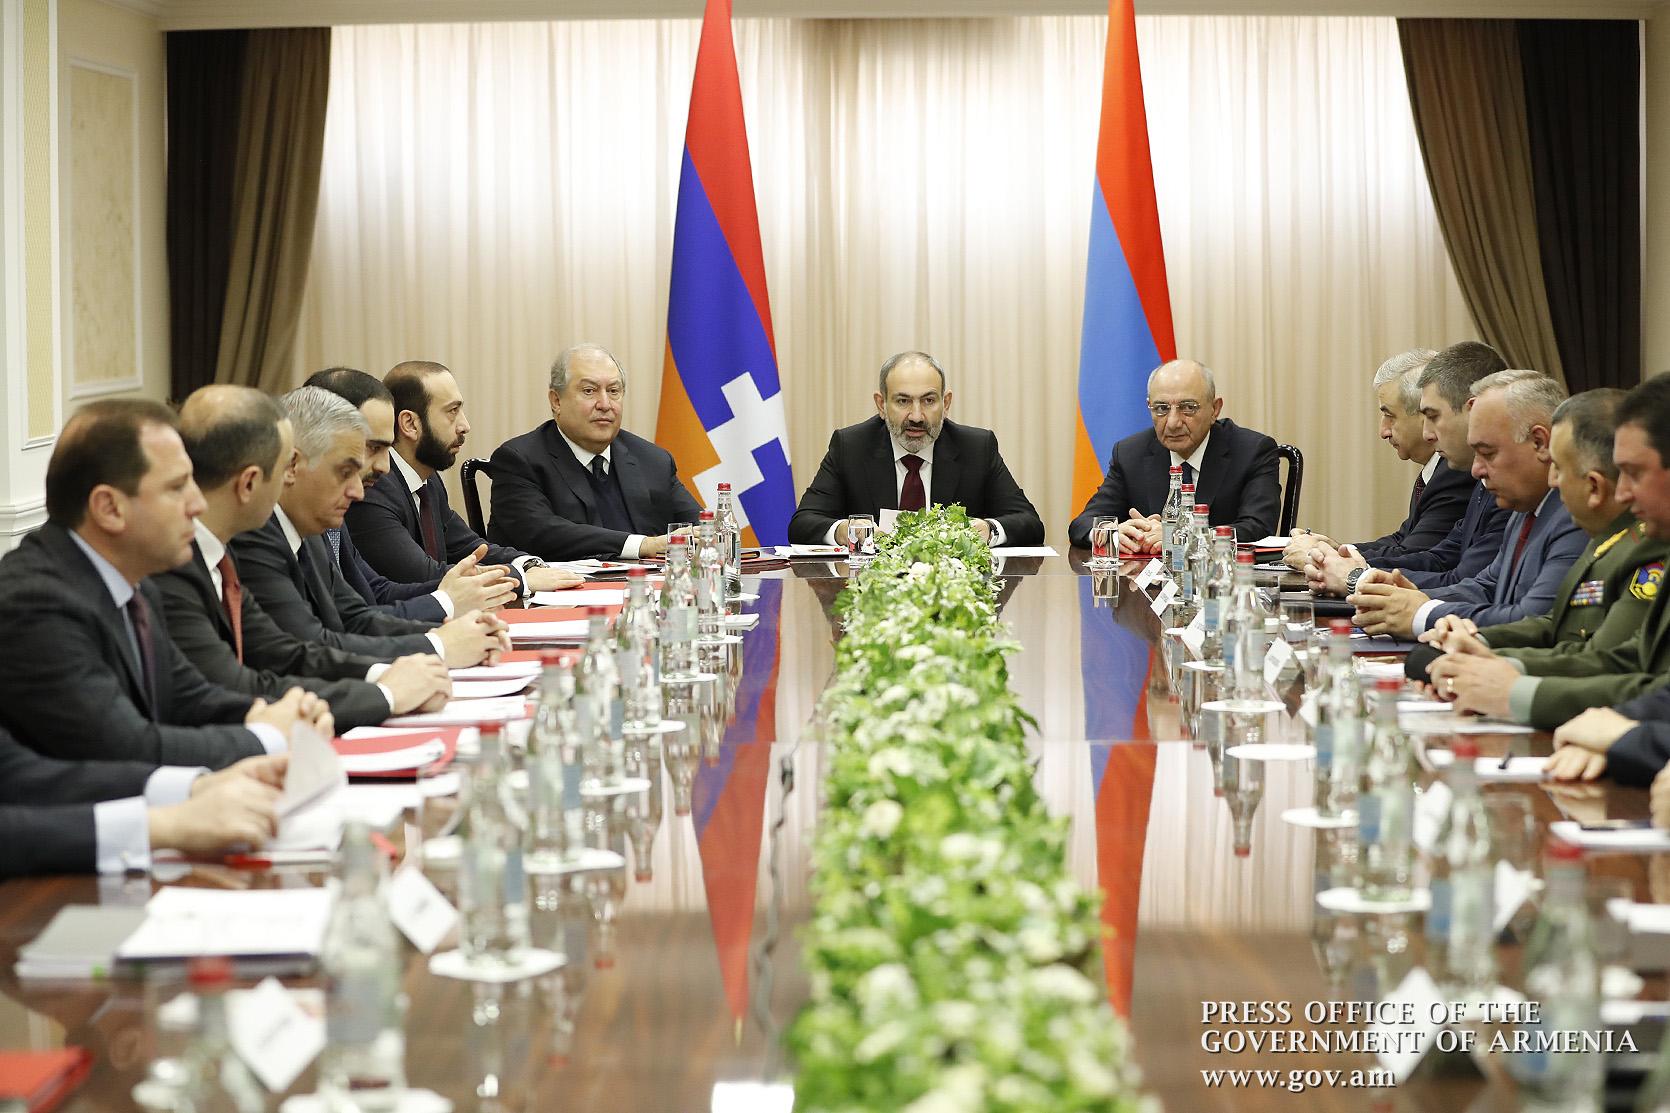 «Համատեղ նիստերի միջոցով Արցախը գործնականում մասնակից է դառնում բանակցային գործընթացում հայկական կողմի դիրքորոշման մշակմանը»